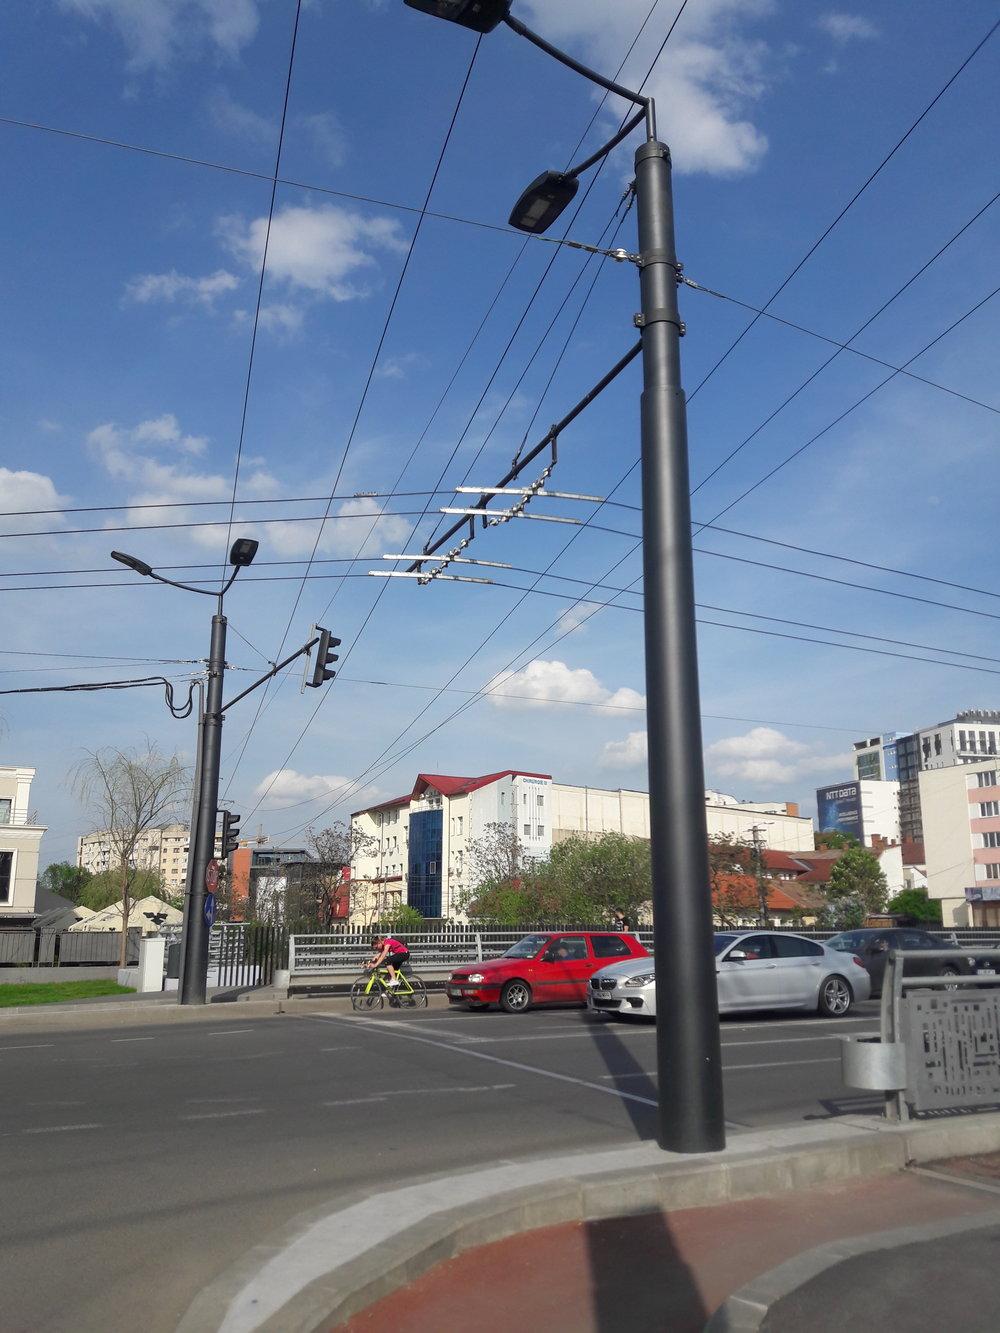 Trolejbusová síť byla podstatně rekonstruována.